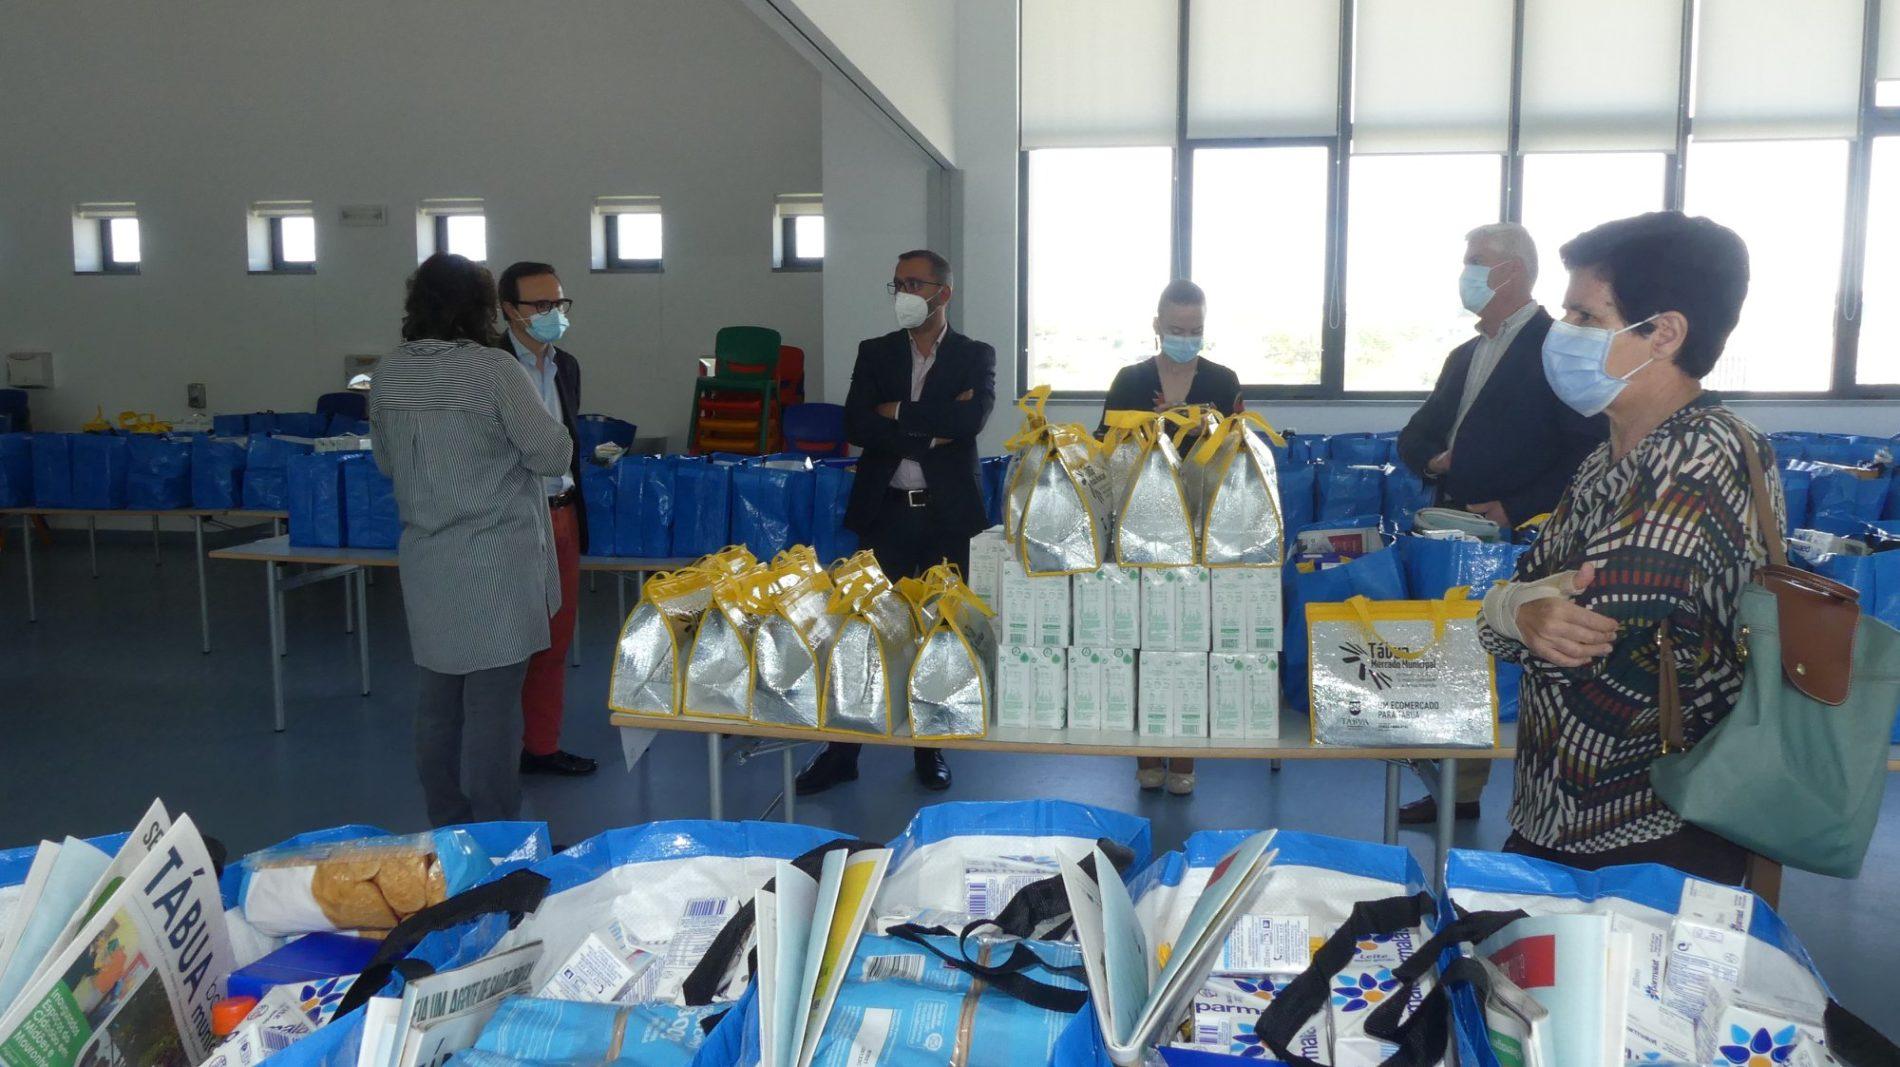 Município de Tábua distribui cabazes alimentares a 200 alunos do escalão A